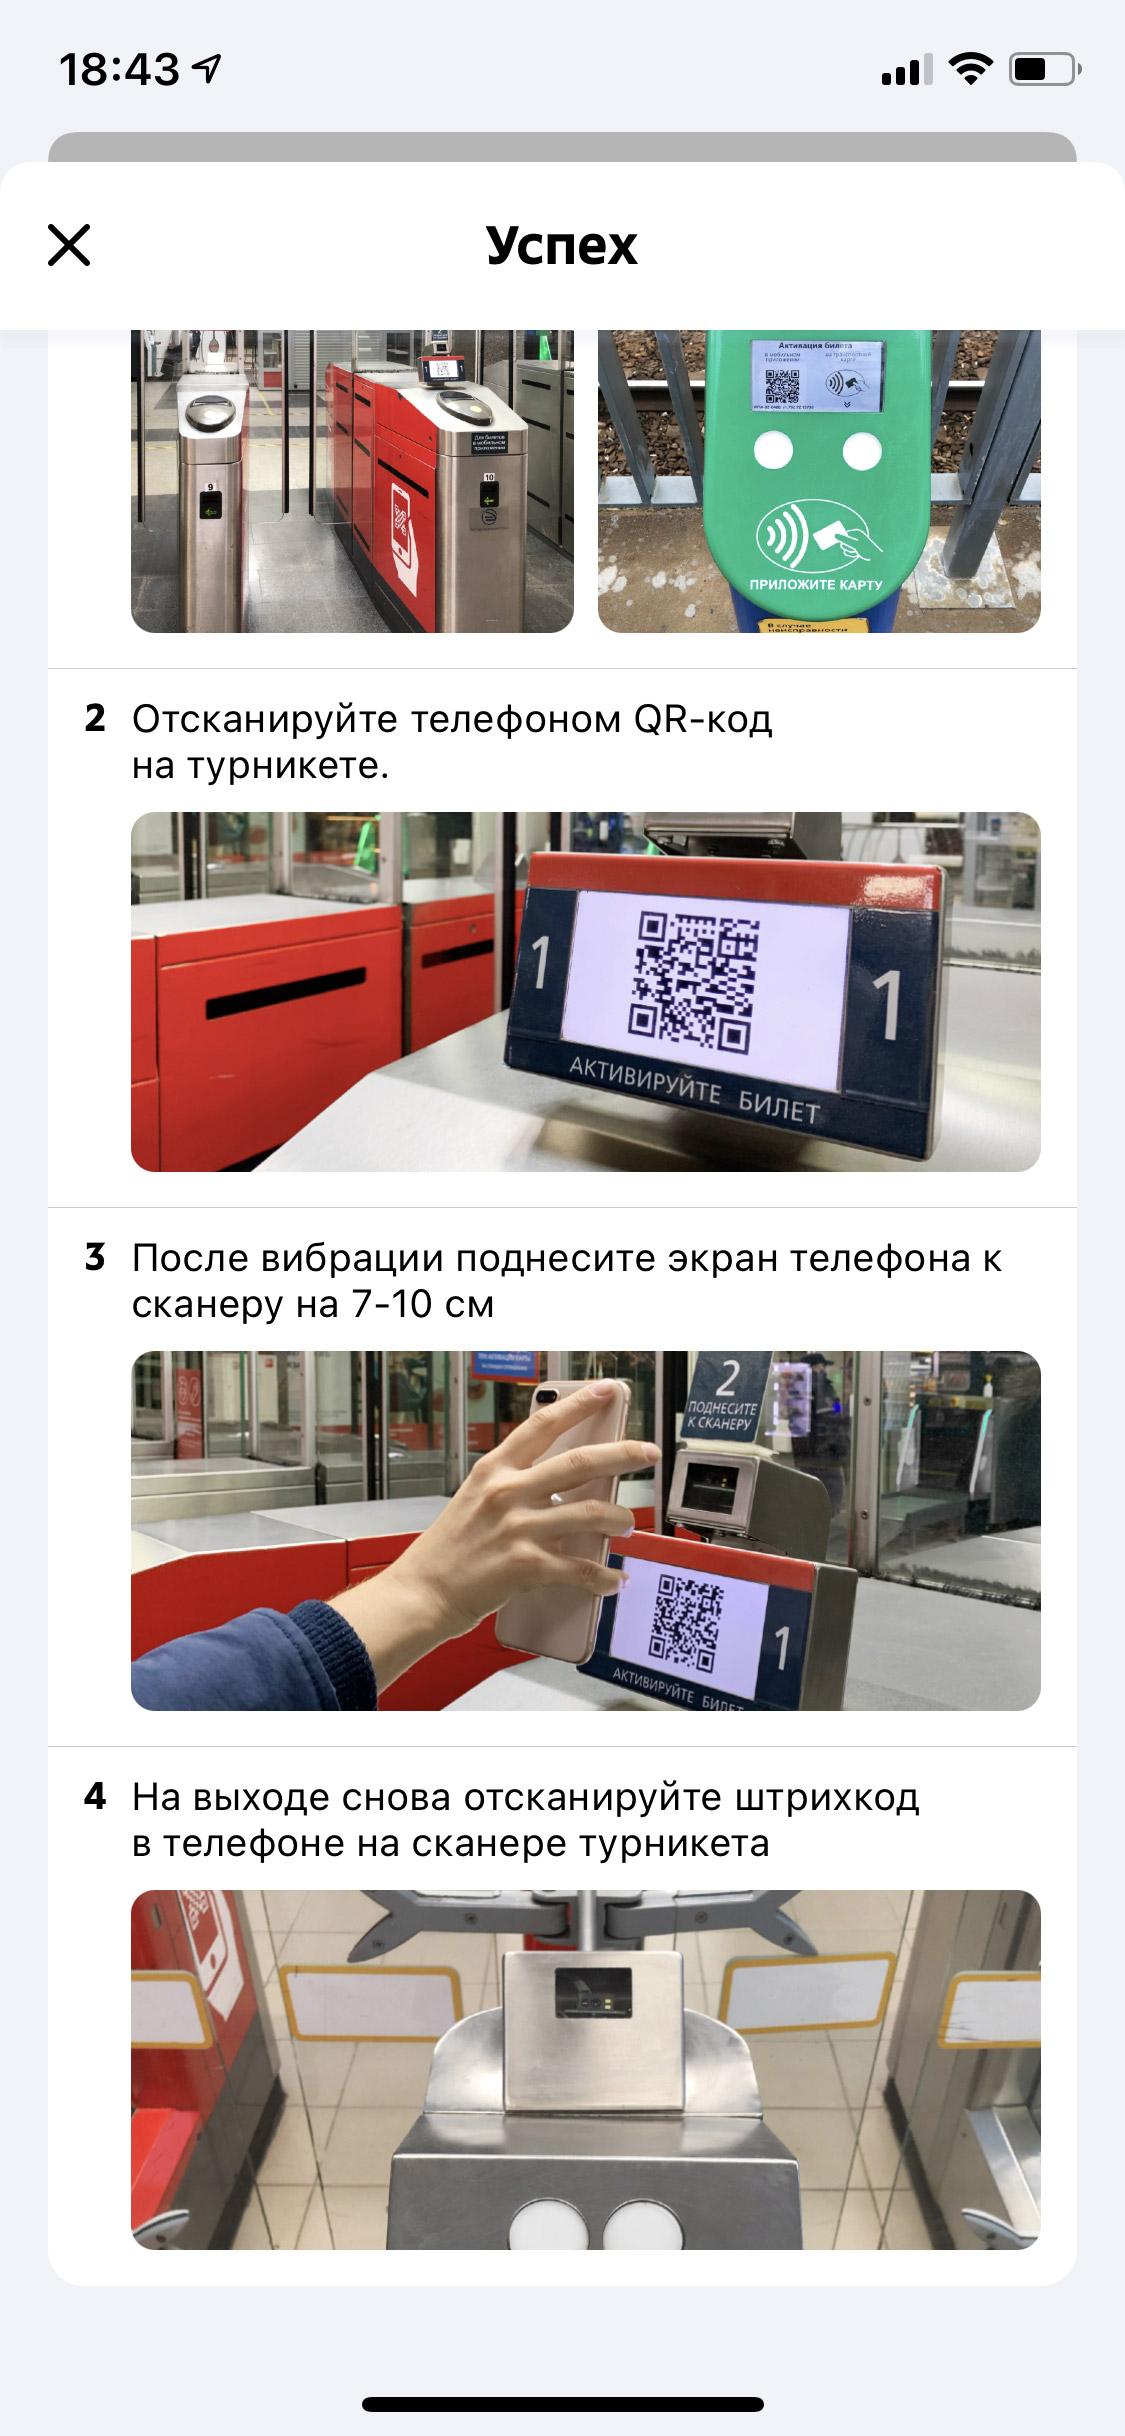 Как продать электронный билет на электричку - 6